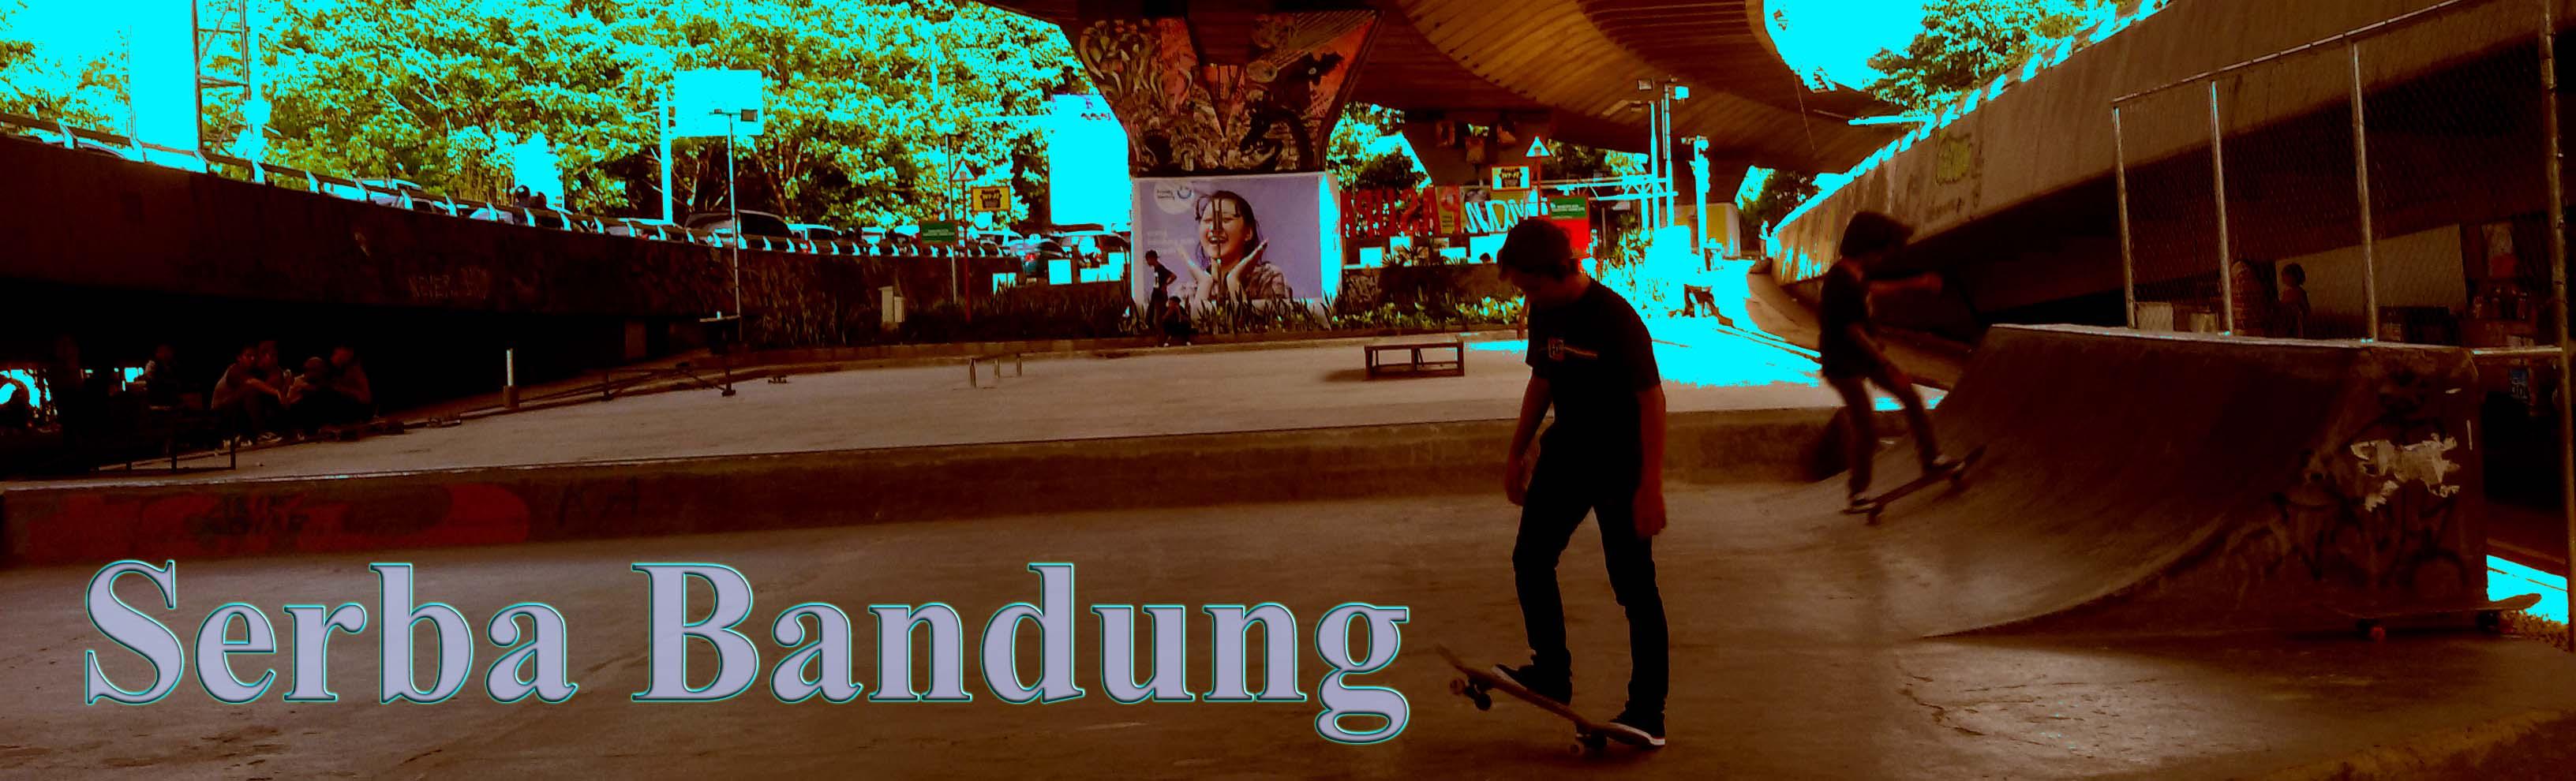 Serba Bandung